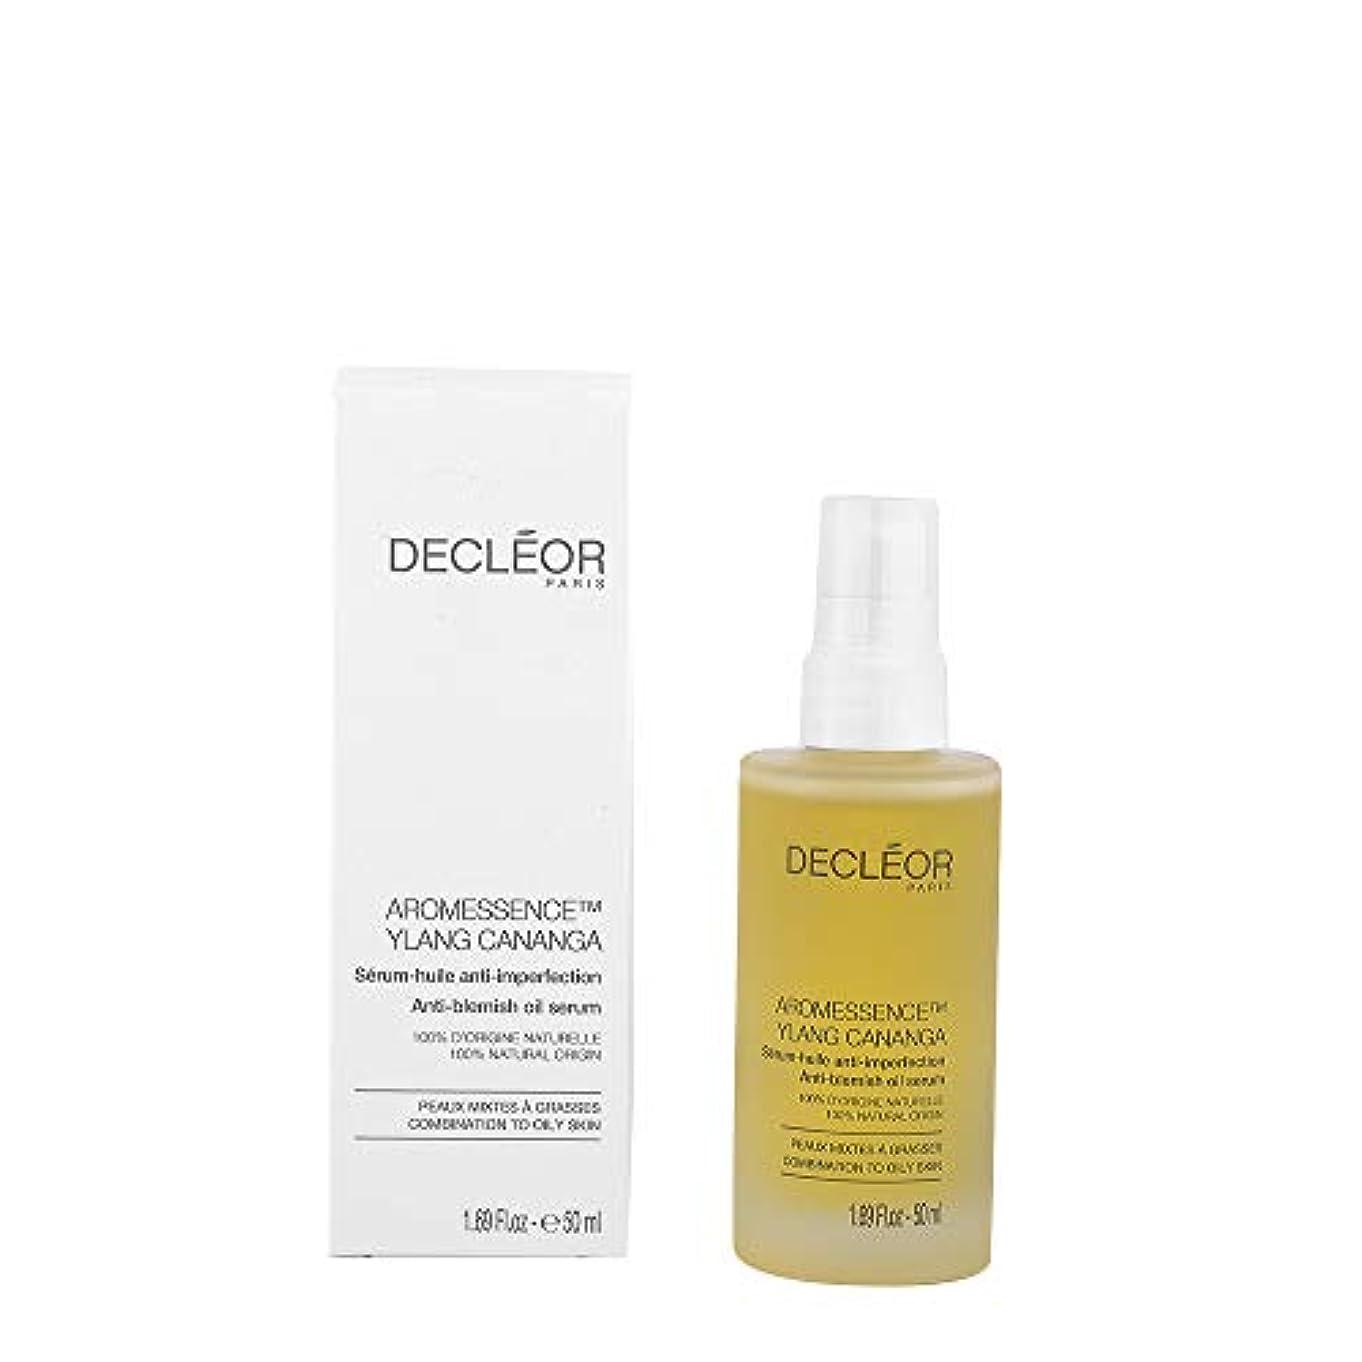 ひどく灌漑ピアースデクレオール Aromessence Ylang Cananga Anti-Blemish Oil Serum - For Combination to Oily Skin (Salon Size) 50ml/1.69oz...